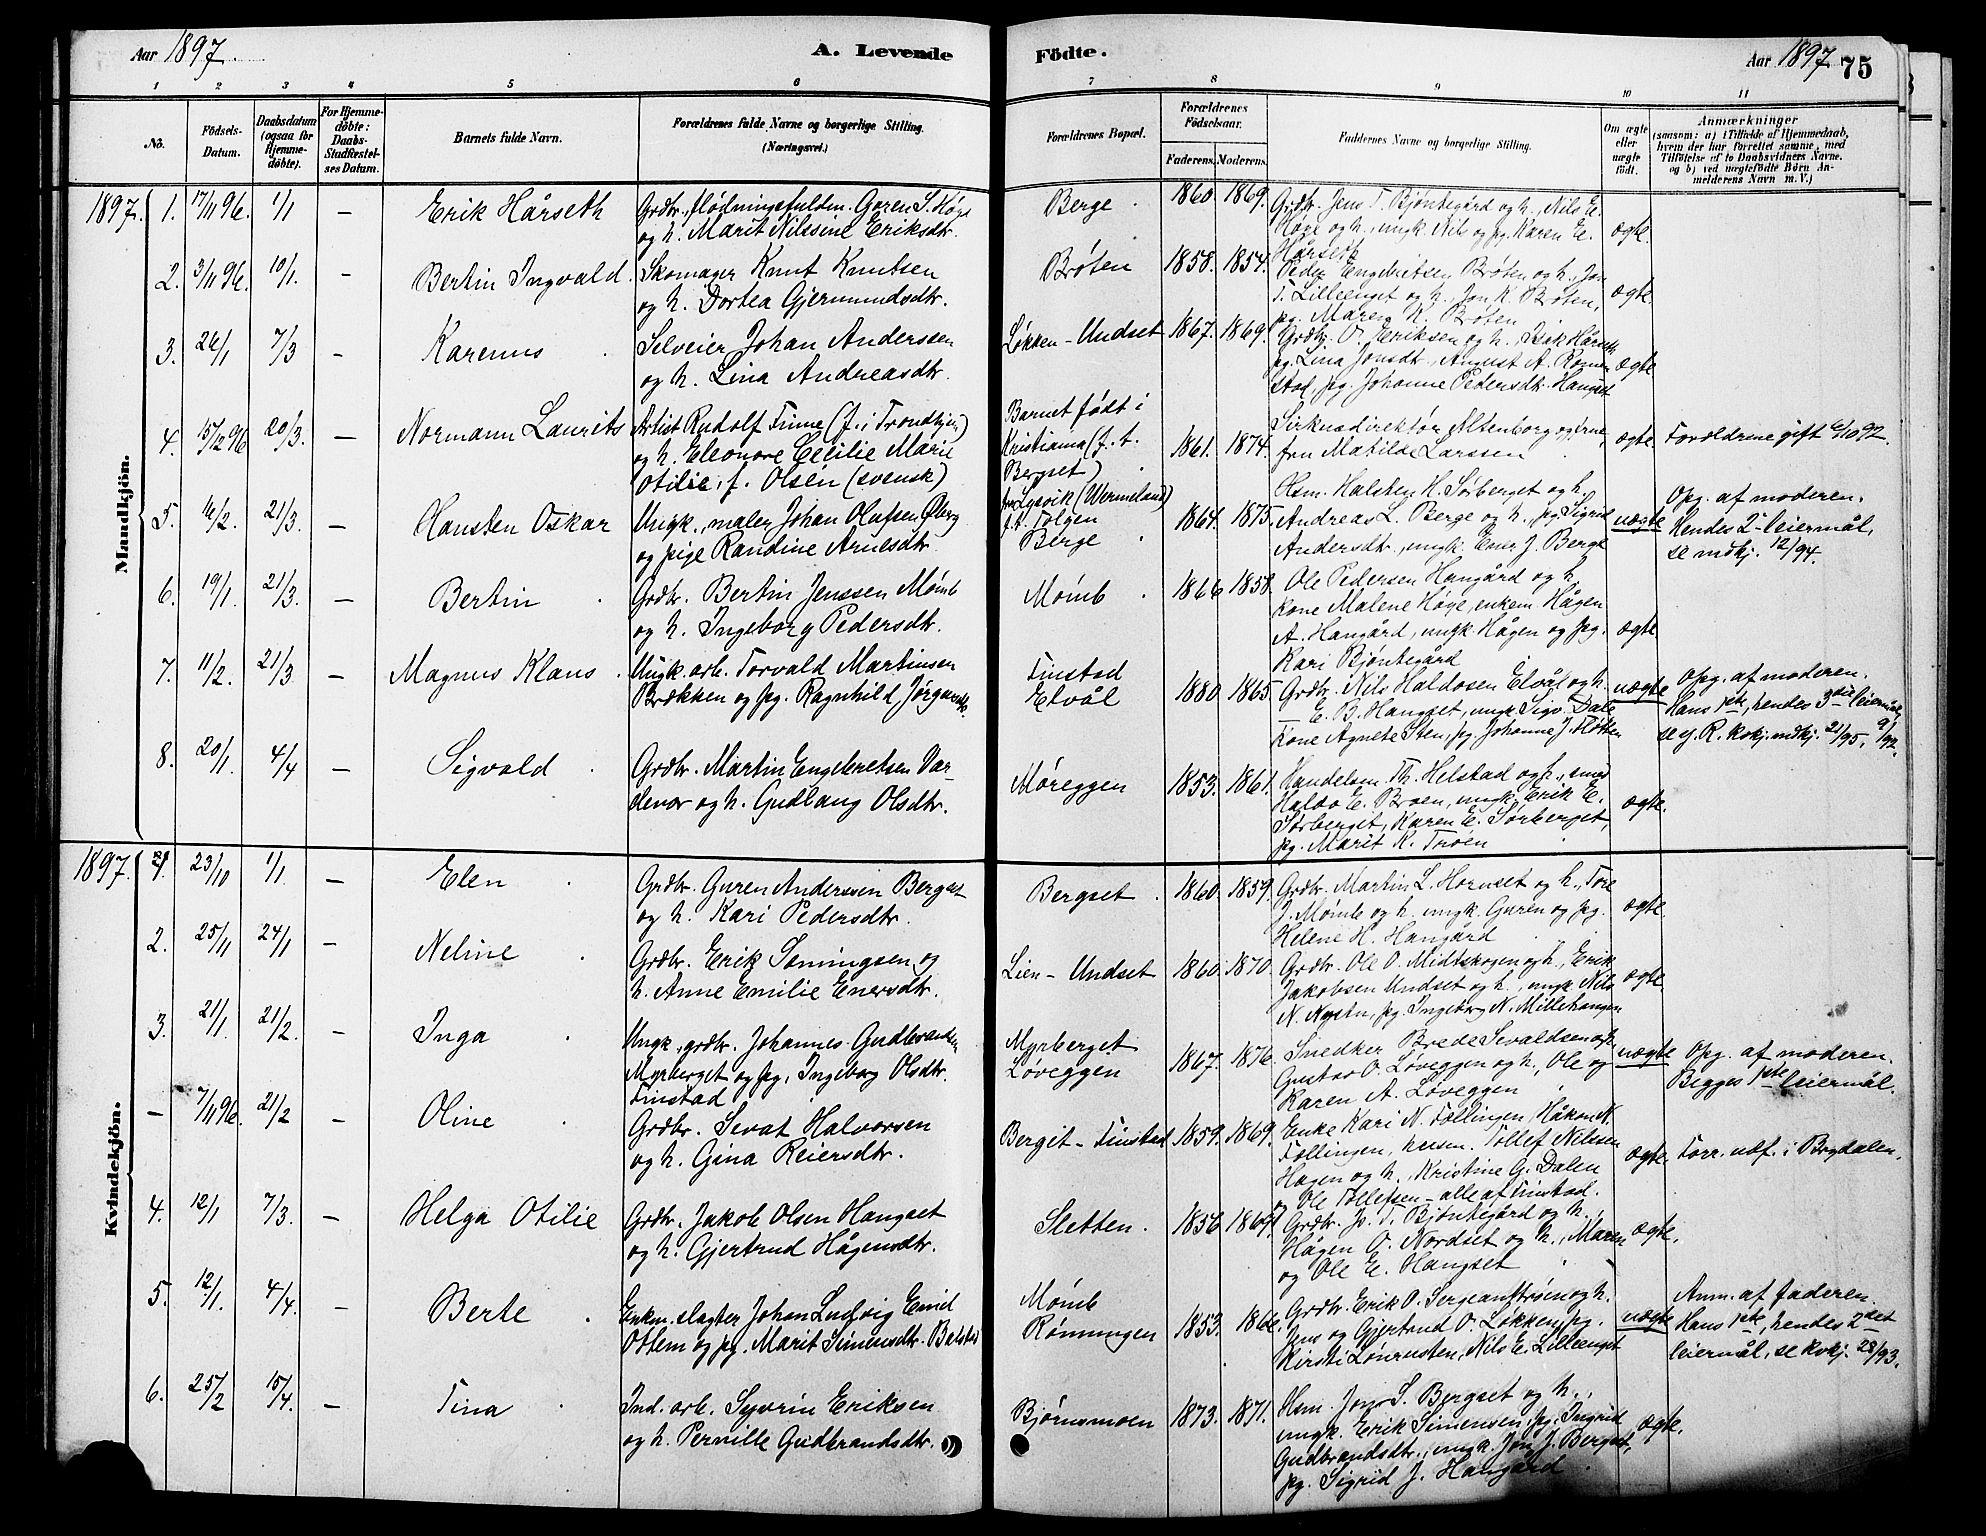 SAH, Rendalen prestekontor, H/Ha/Hab/L0003: Klokkerbok nr. 3, 1879-1904, s. 75